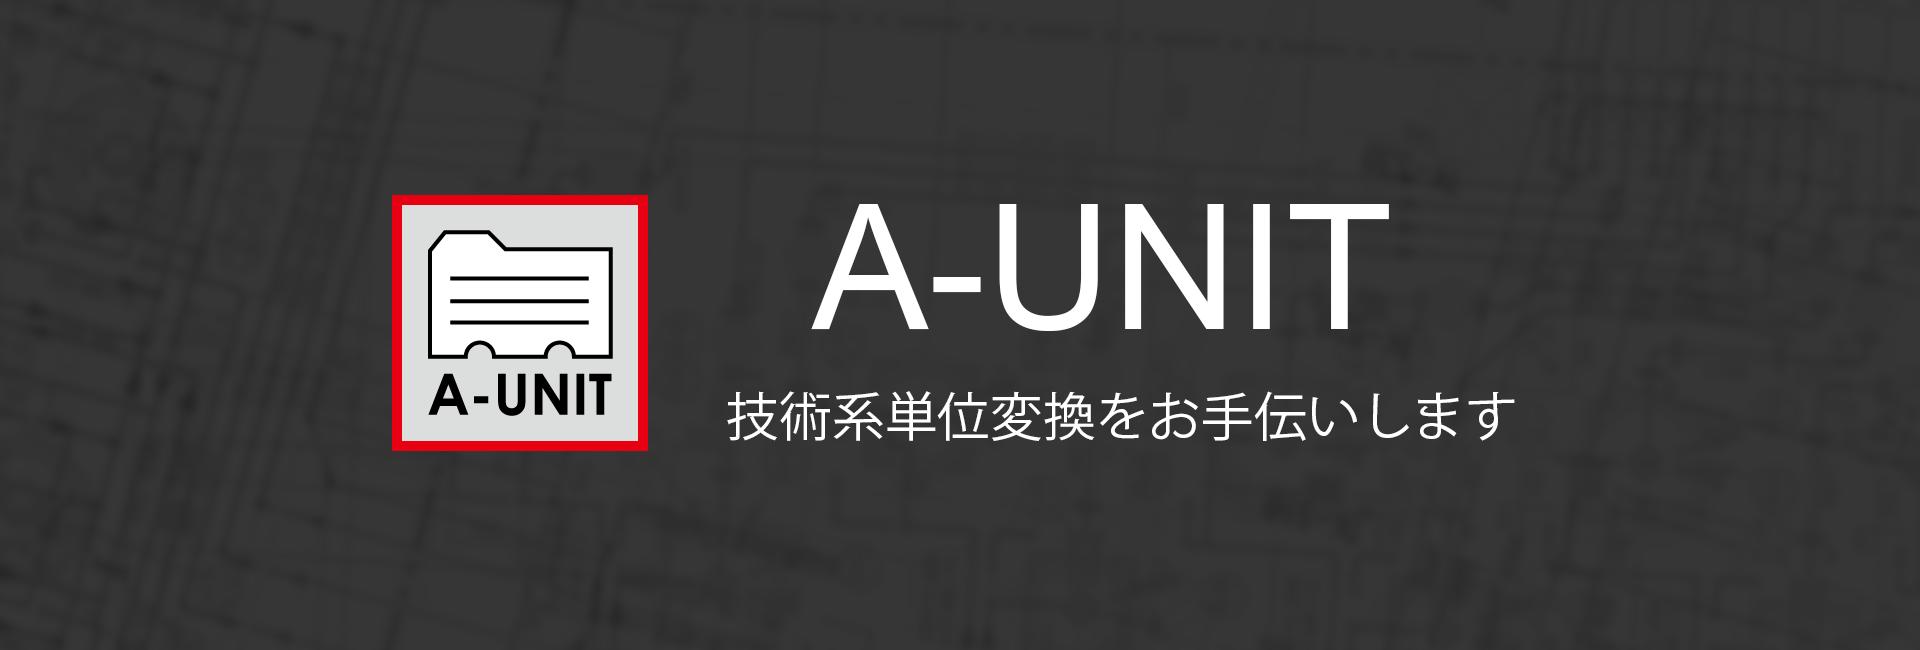 A-UNIT